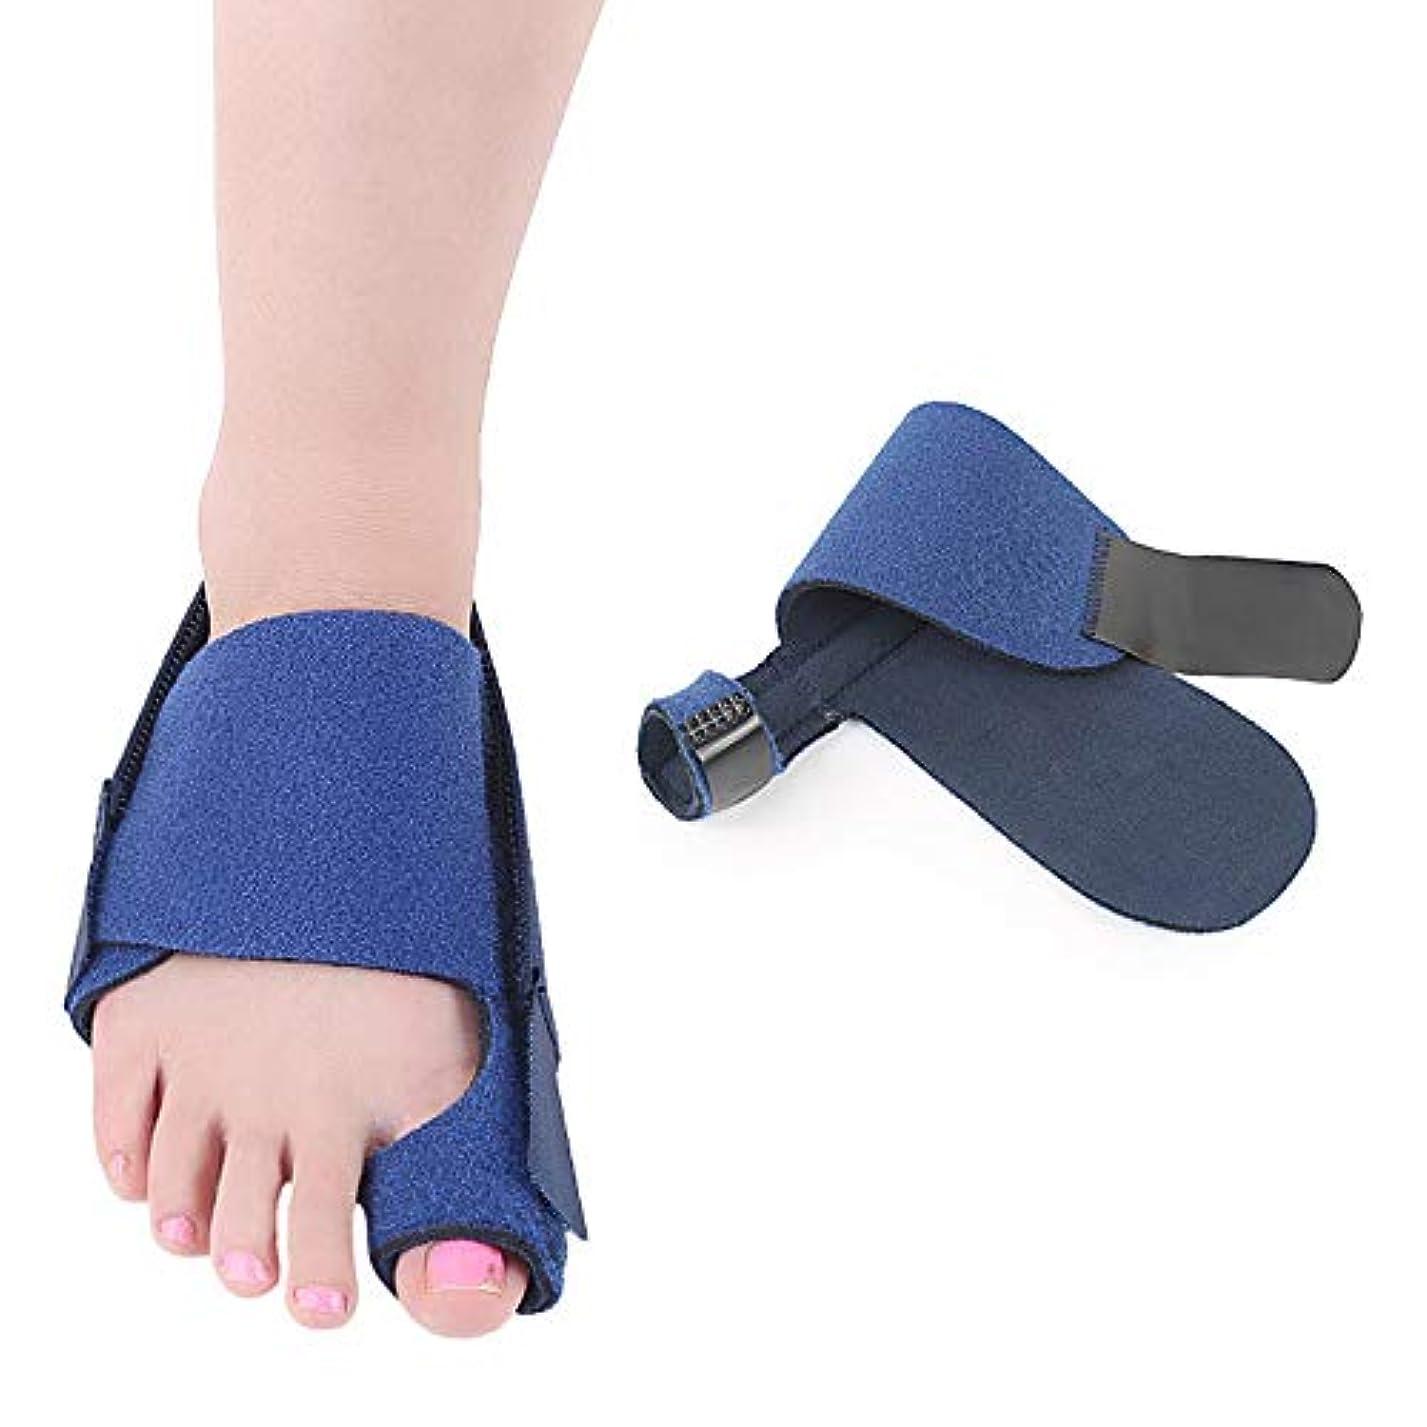 外反母趾足指セパレーターは足指重複嚢胞通気性吸収汗ワンサイズを防止し、ヨガ後の痛みと変形を軽減,RightFoot